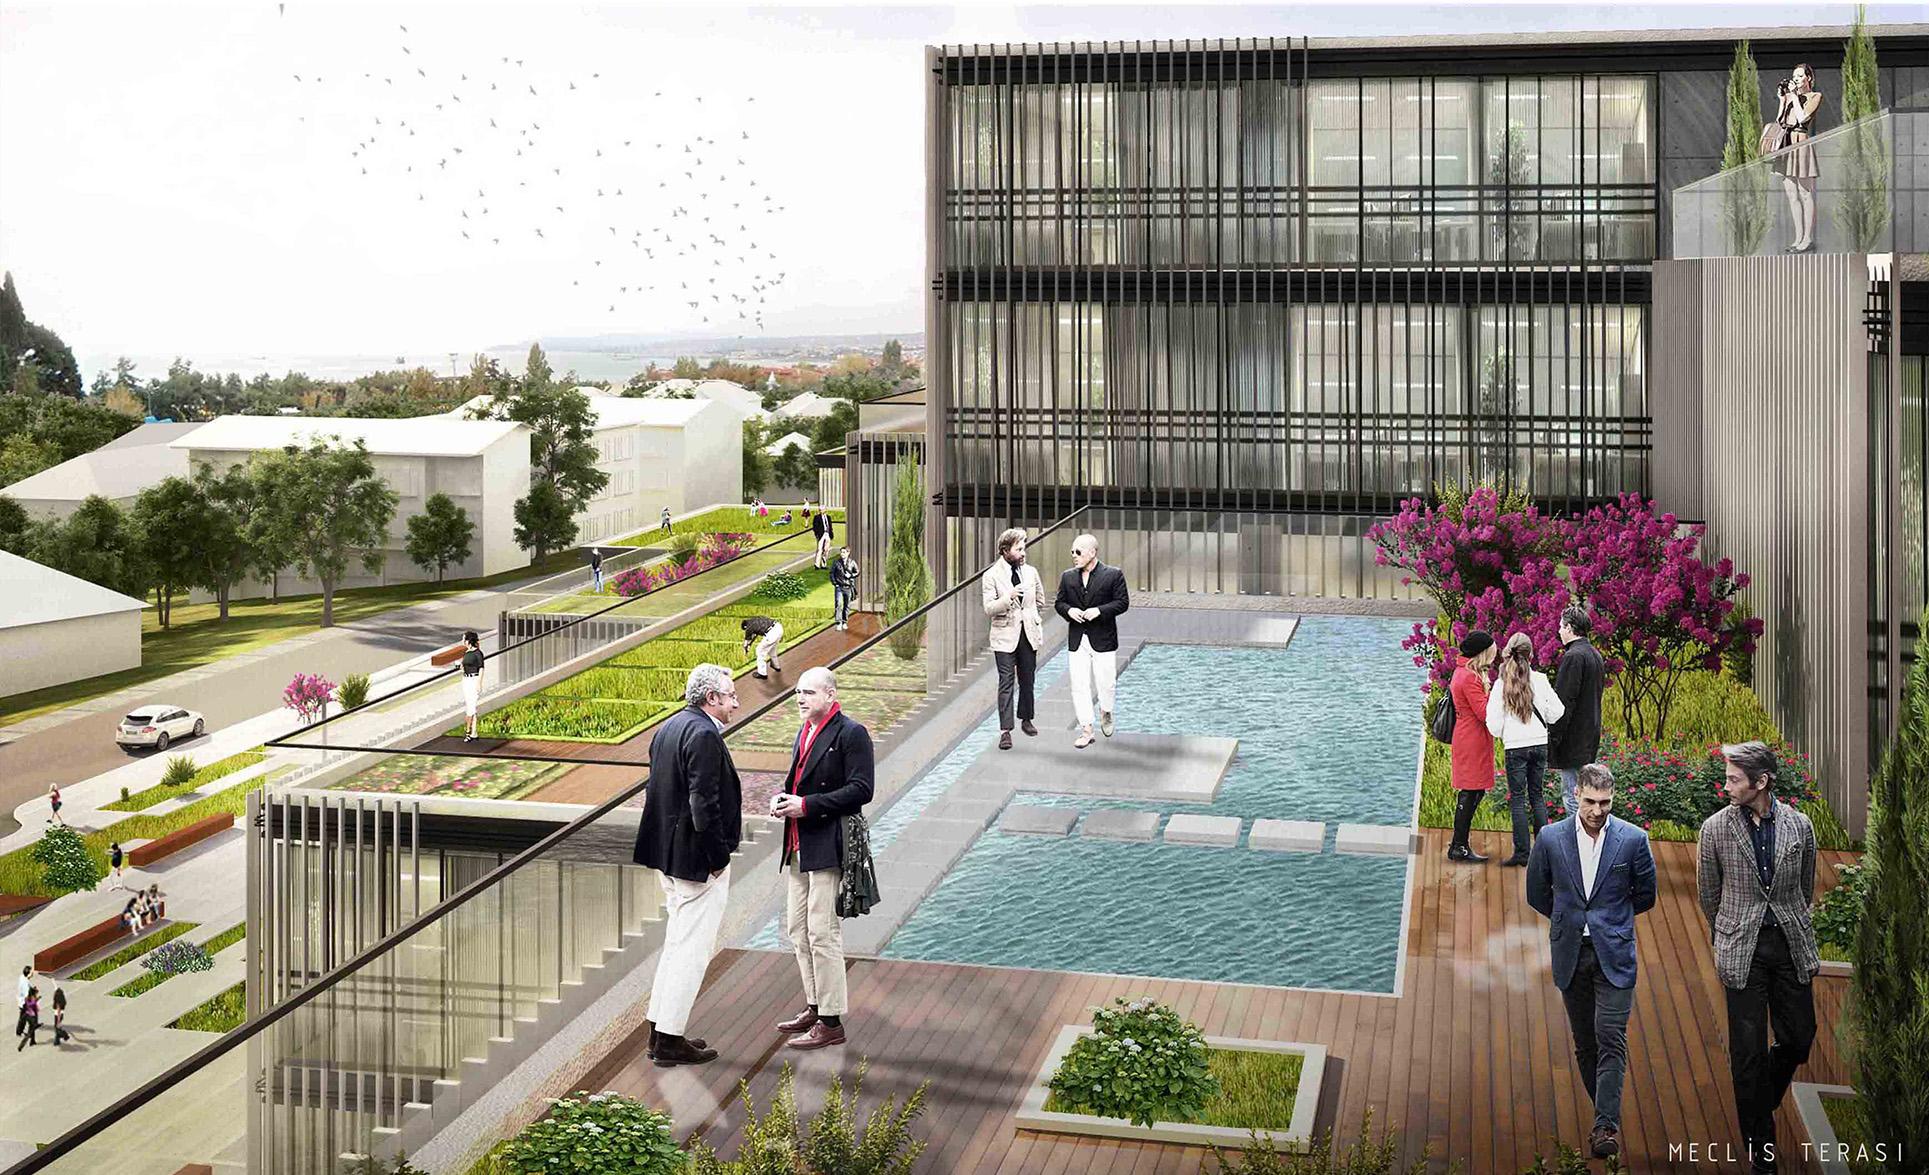 dodofis mimarlık ofis binası